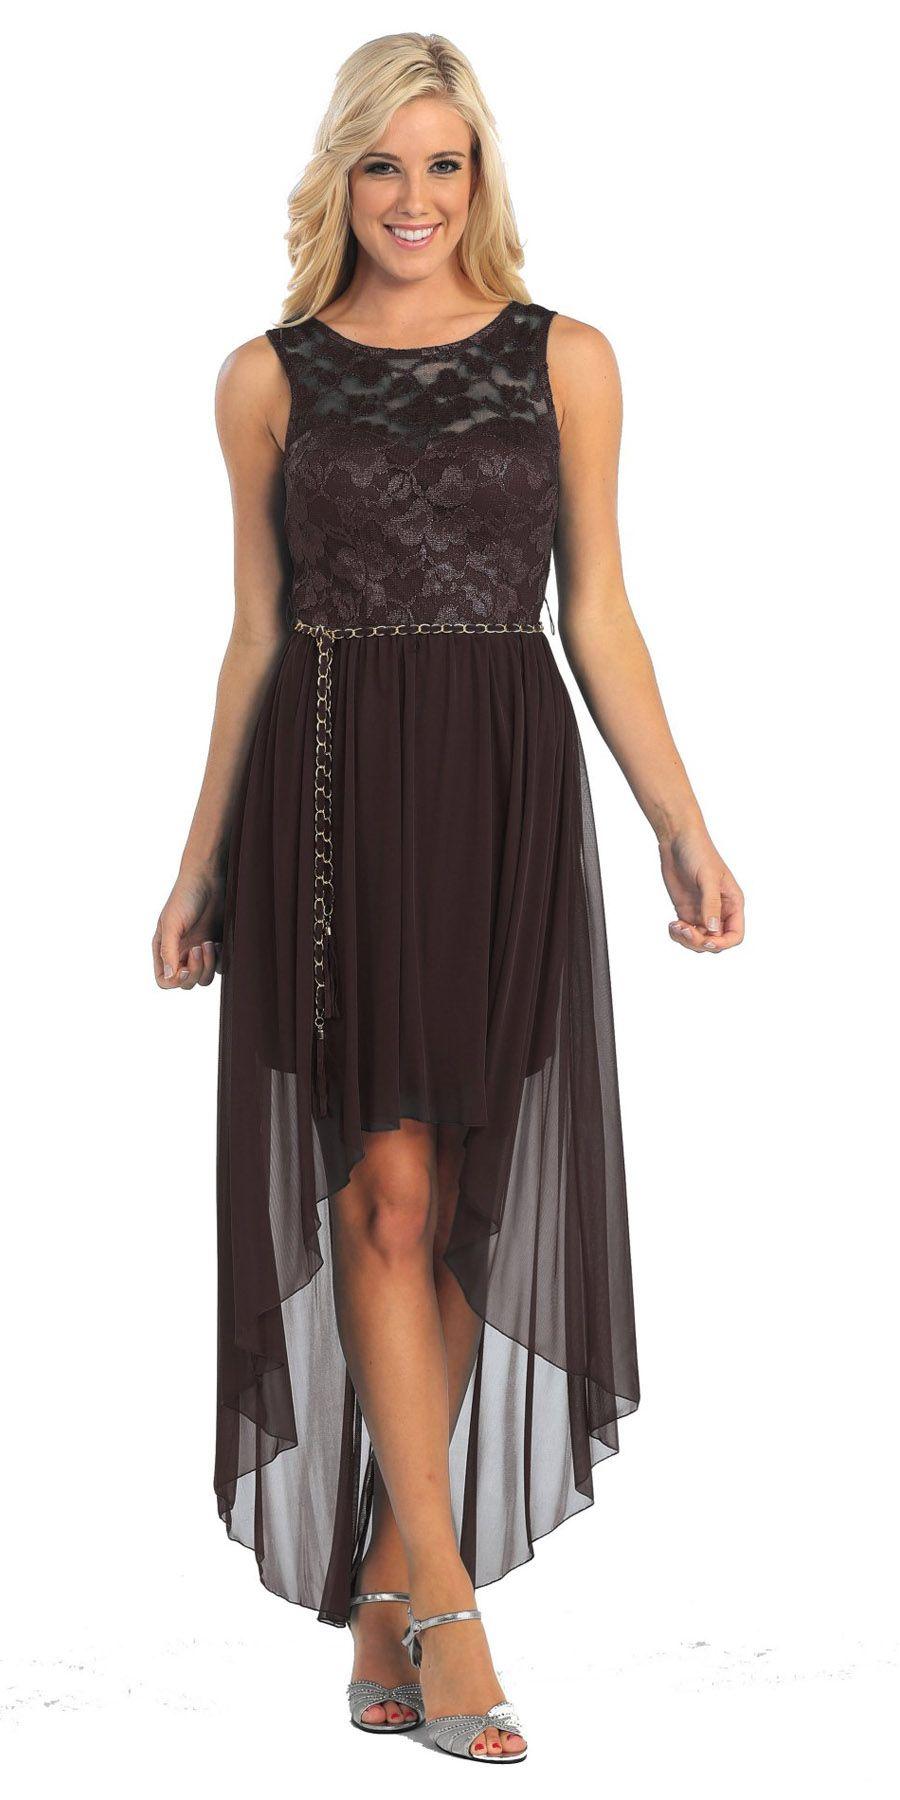 High Low Black Dress Chiffon #discountdressshop #cocktaildress #lacedress #chiffon #bridesmaids #cruisedress